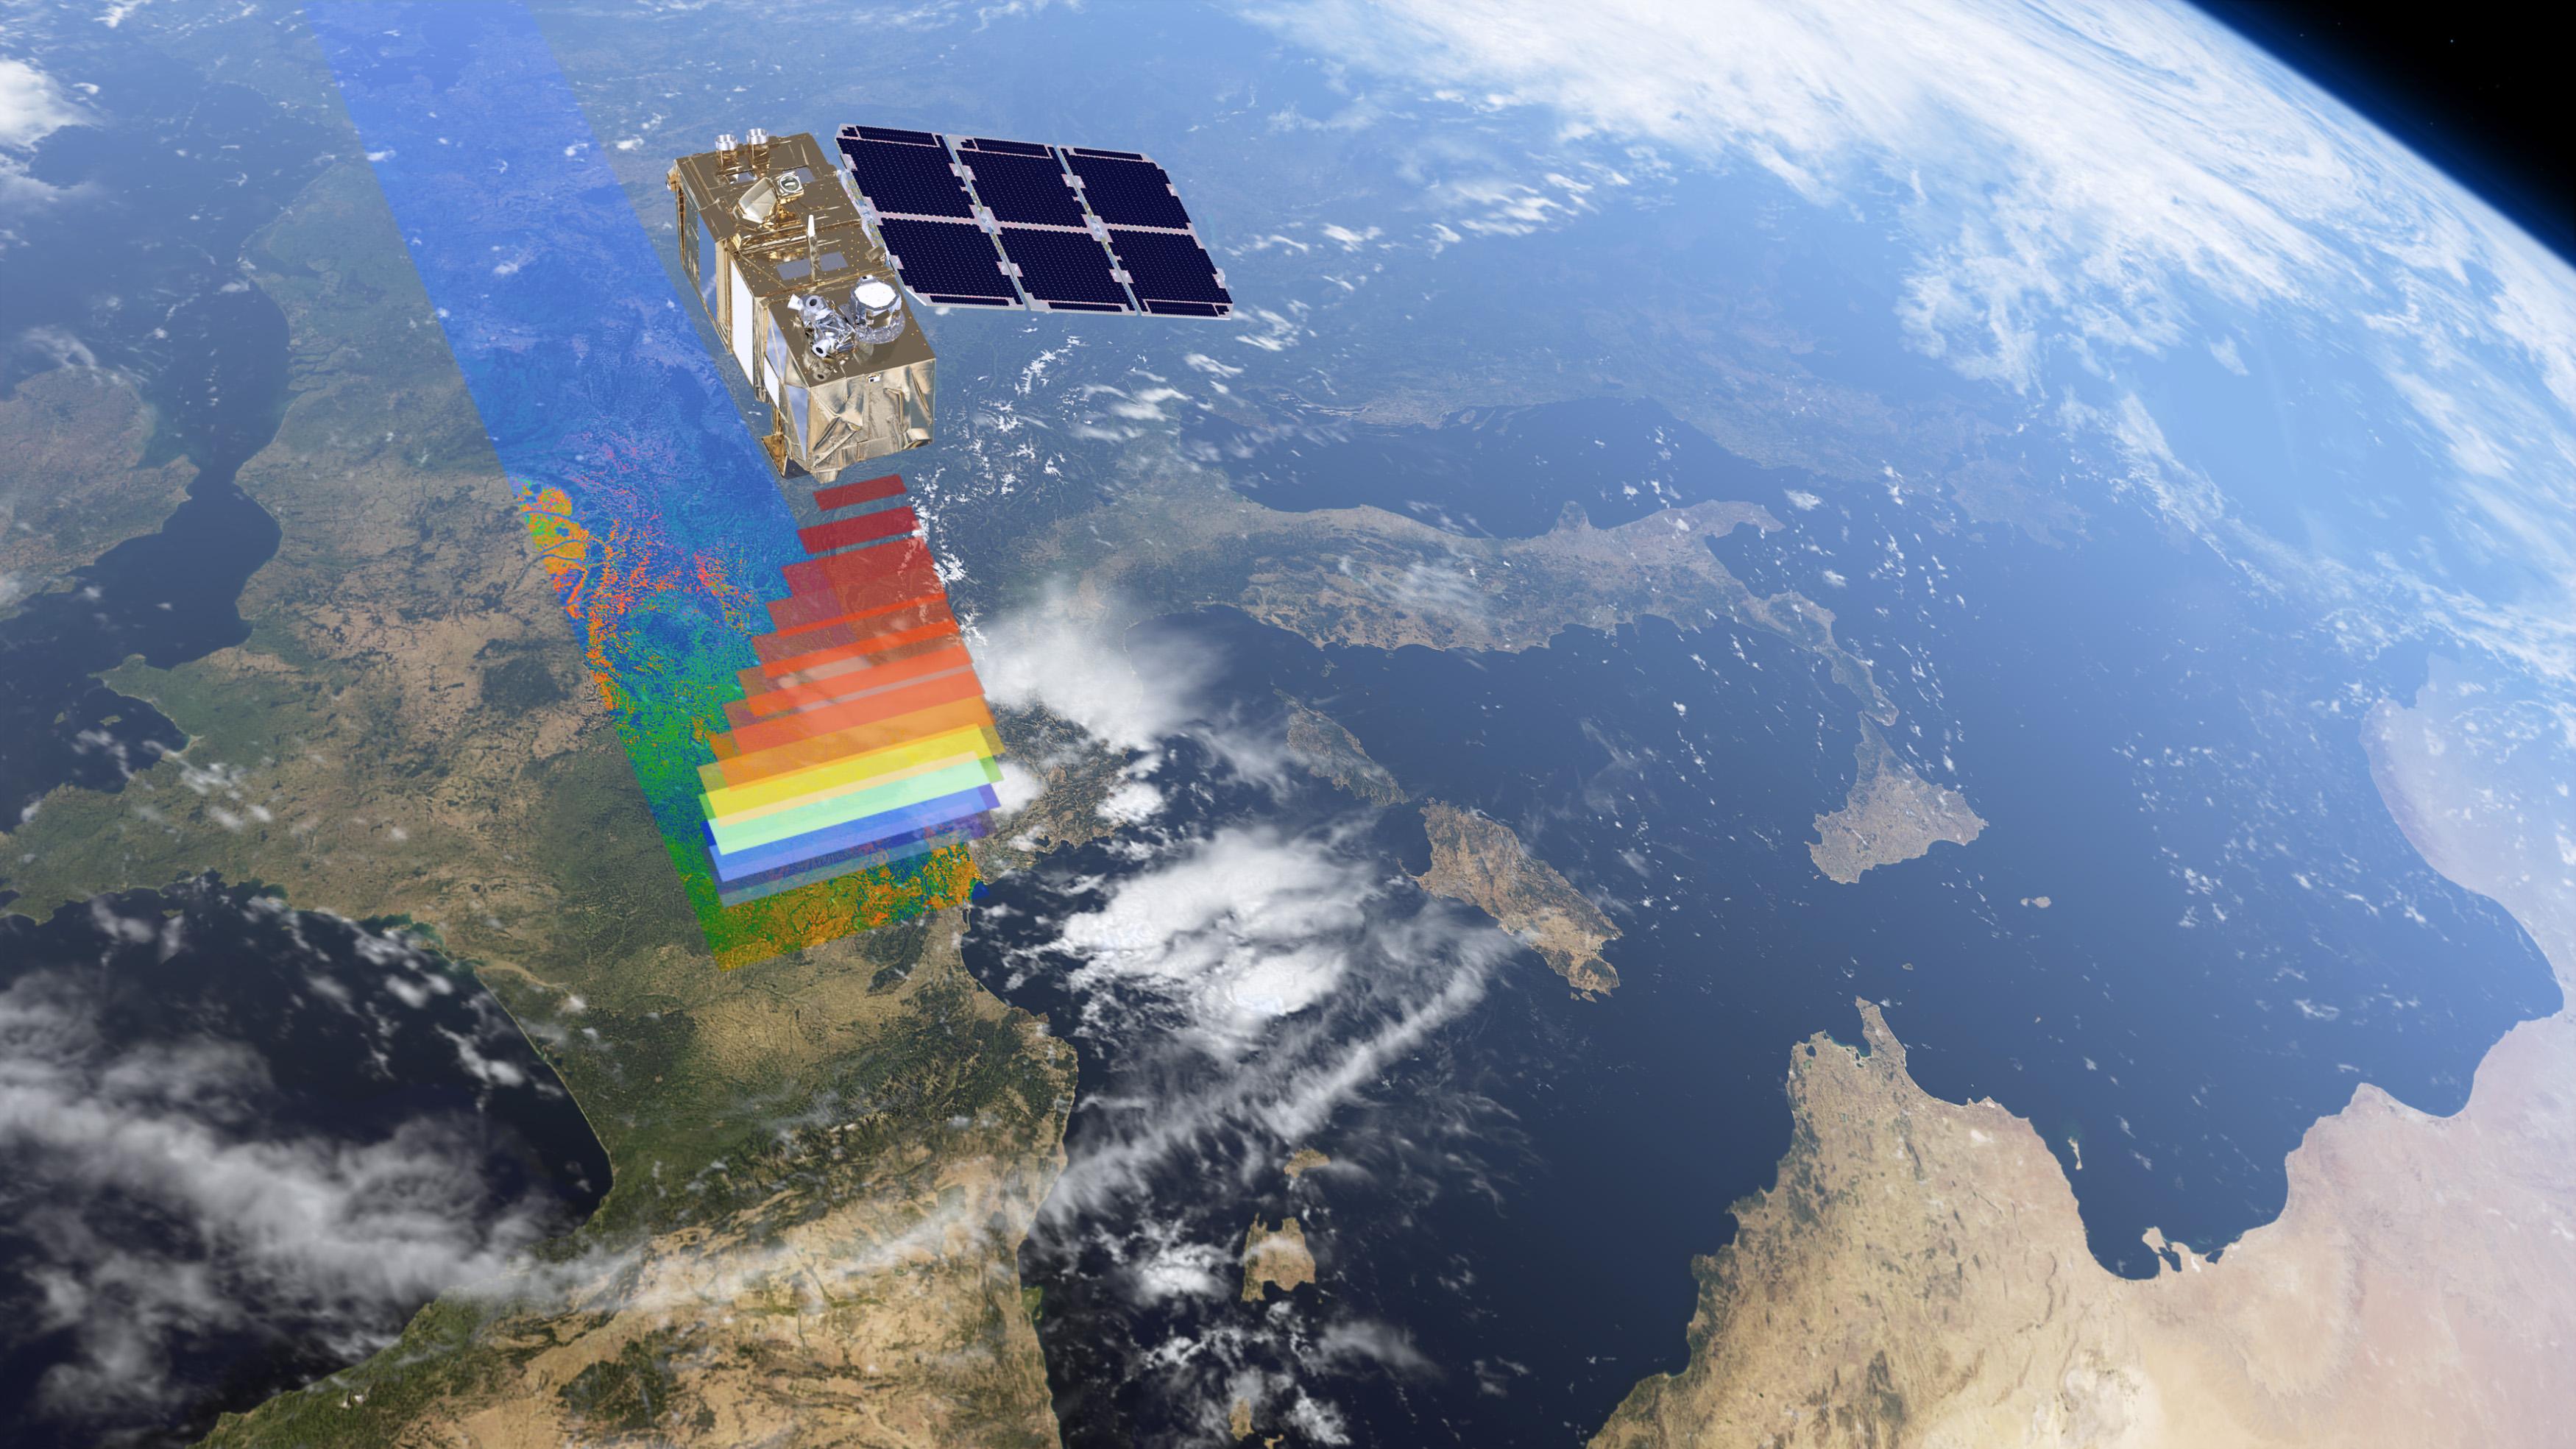 Sentinel-2 er en optisk satellitt som ser i farger og infrarødt for å holde øye med vegetasjonsdekke, skogmasse, jordbruk, plantevekst, elver, innsjøer, og kystlinjer. Grafikk: ESA